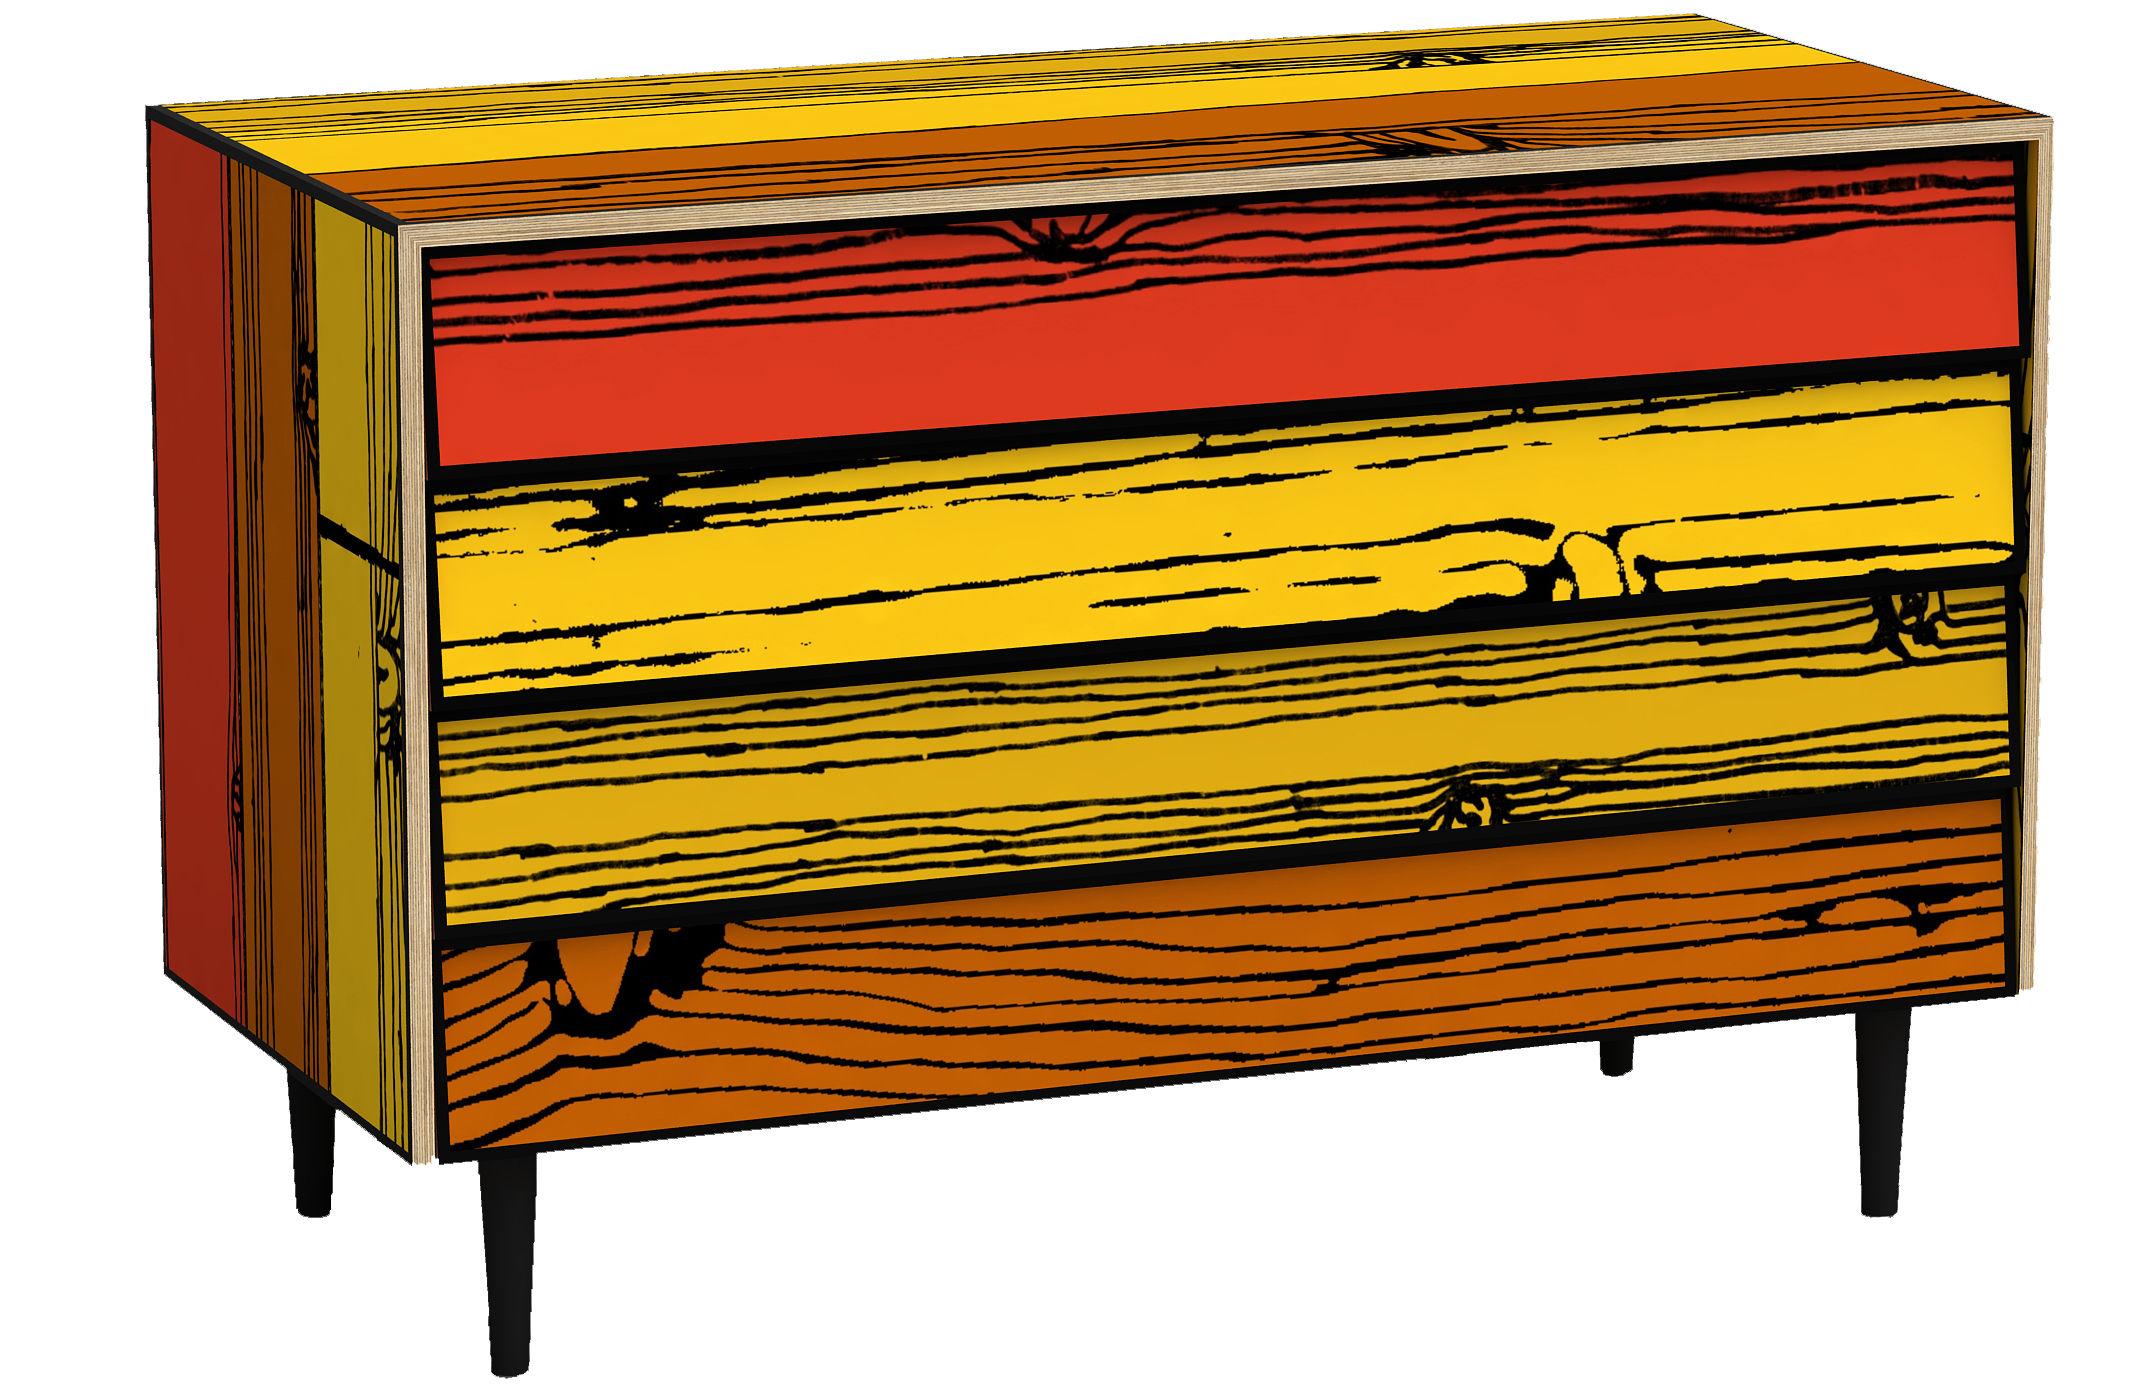 Arredamento - Mobili d'eccezione - Comò Wrongwoods di Established & Sons - Toni rossi - Compensato tinto